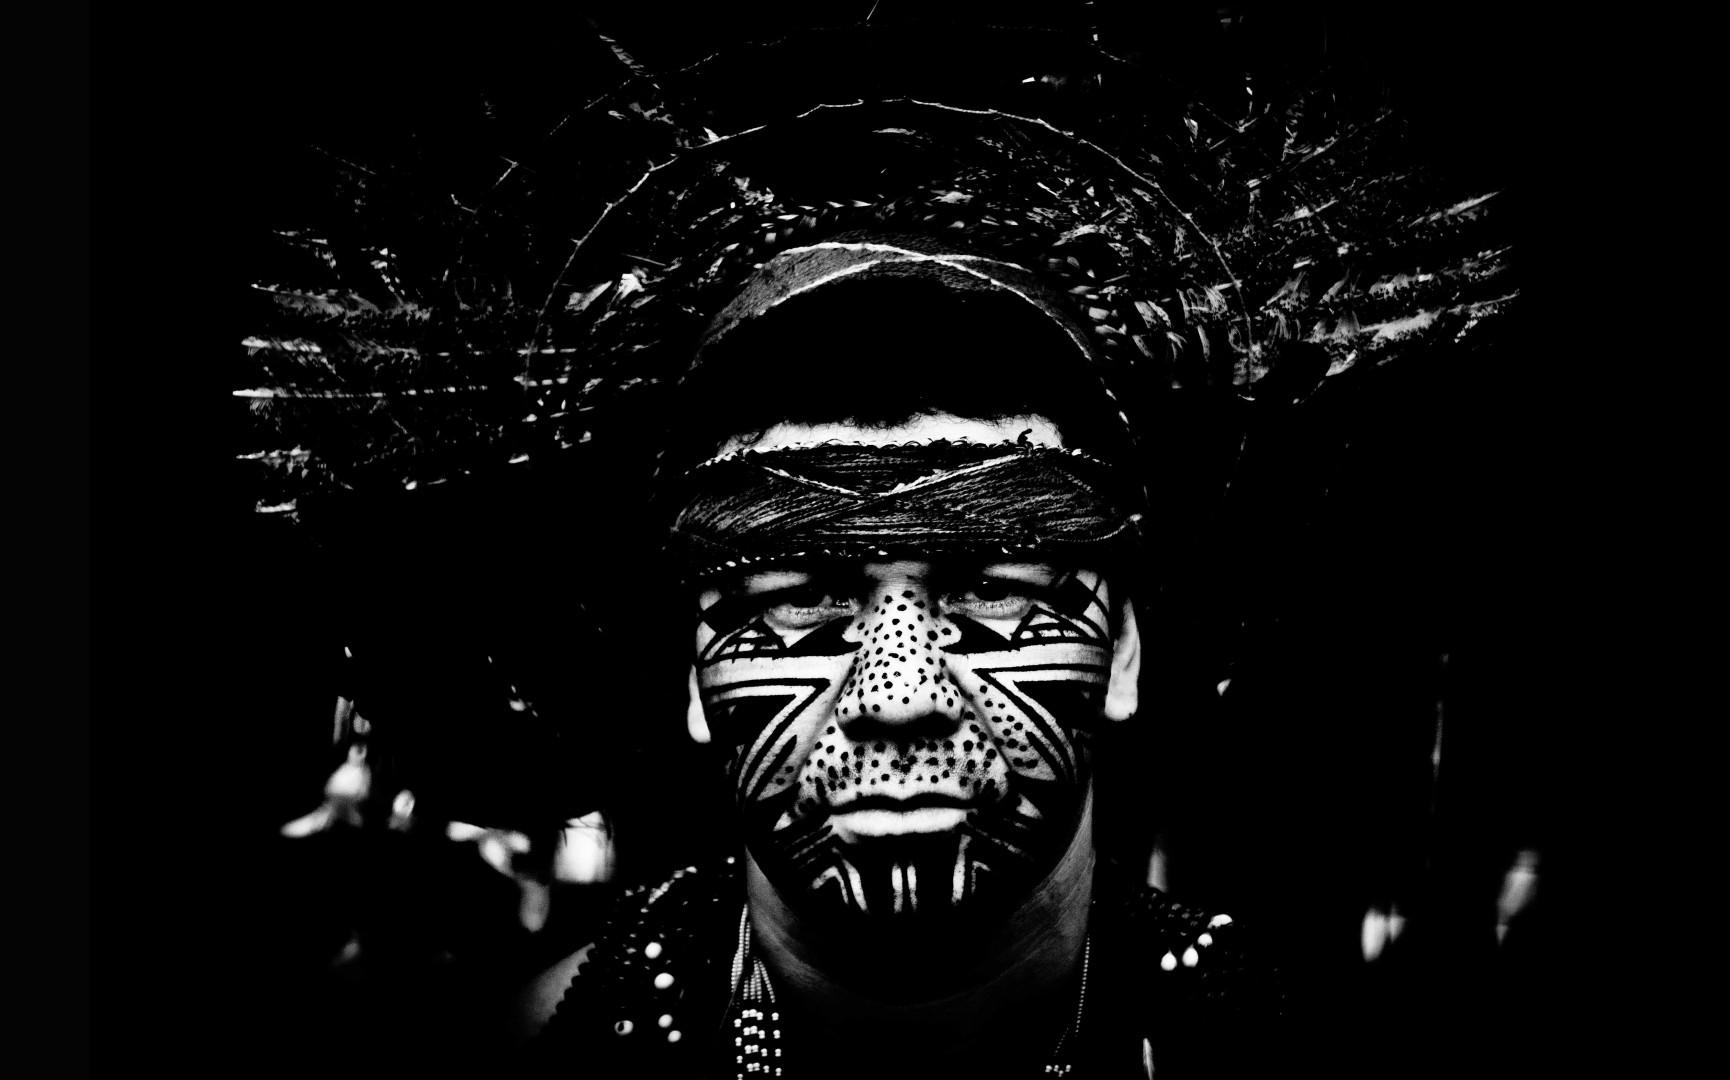 Foto Spada - LaPresse 02 07 2014 Belo Horizonte (Brasile) sport calcio Mondiali di Calcio 2014 Reportage a Belo Horizonte  nella foto:  un indigeno dell' amazzonia al mercato di belo horizonte  Photo Spada - LaPresse 02 07 2014 Belo Horizonte (Brazil) sport soccer Brazil World Cup 2014, Photoreportage in Belo Horizonte  in the picture:  a native of the Amazon to the market in belo horizonte